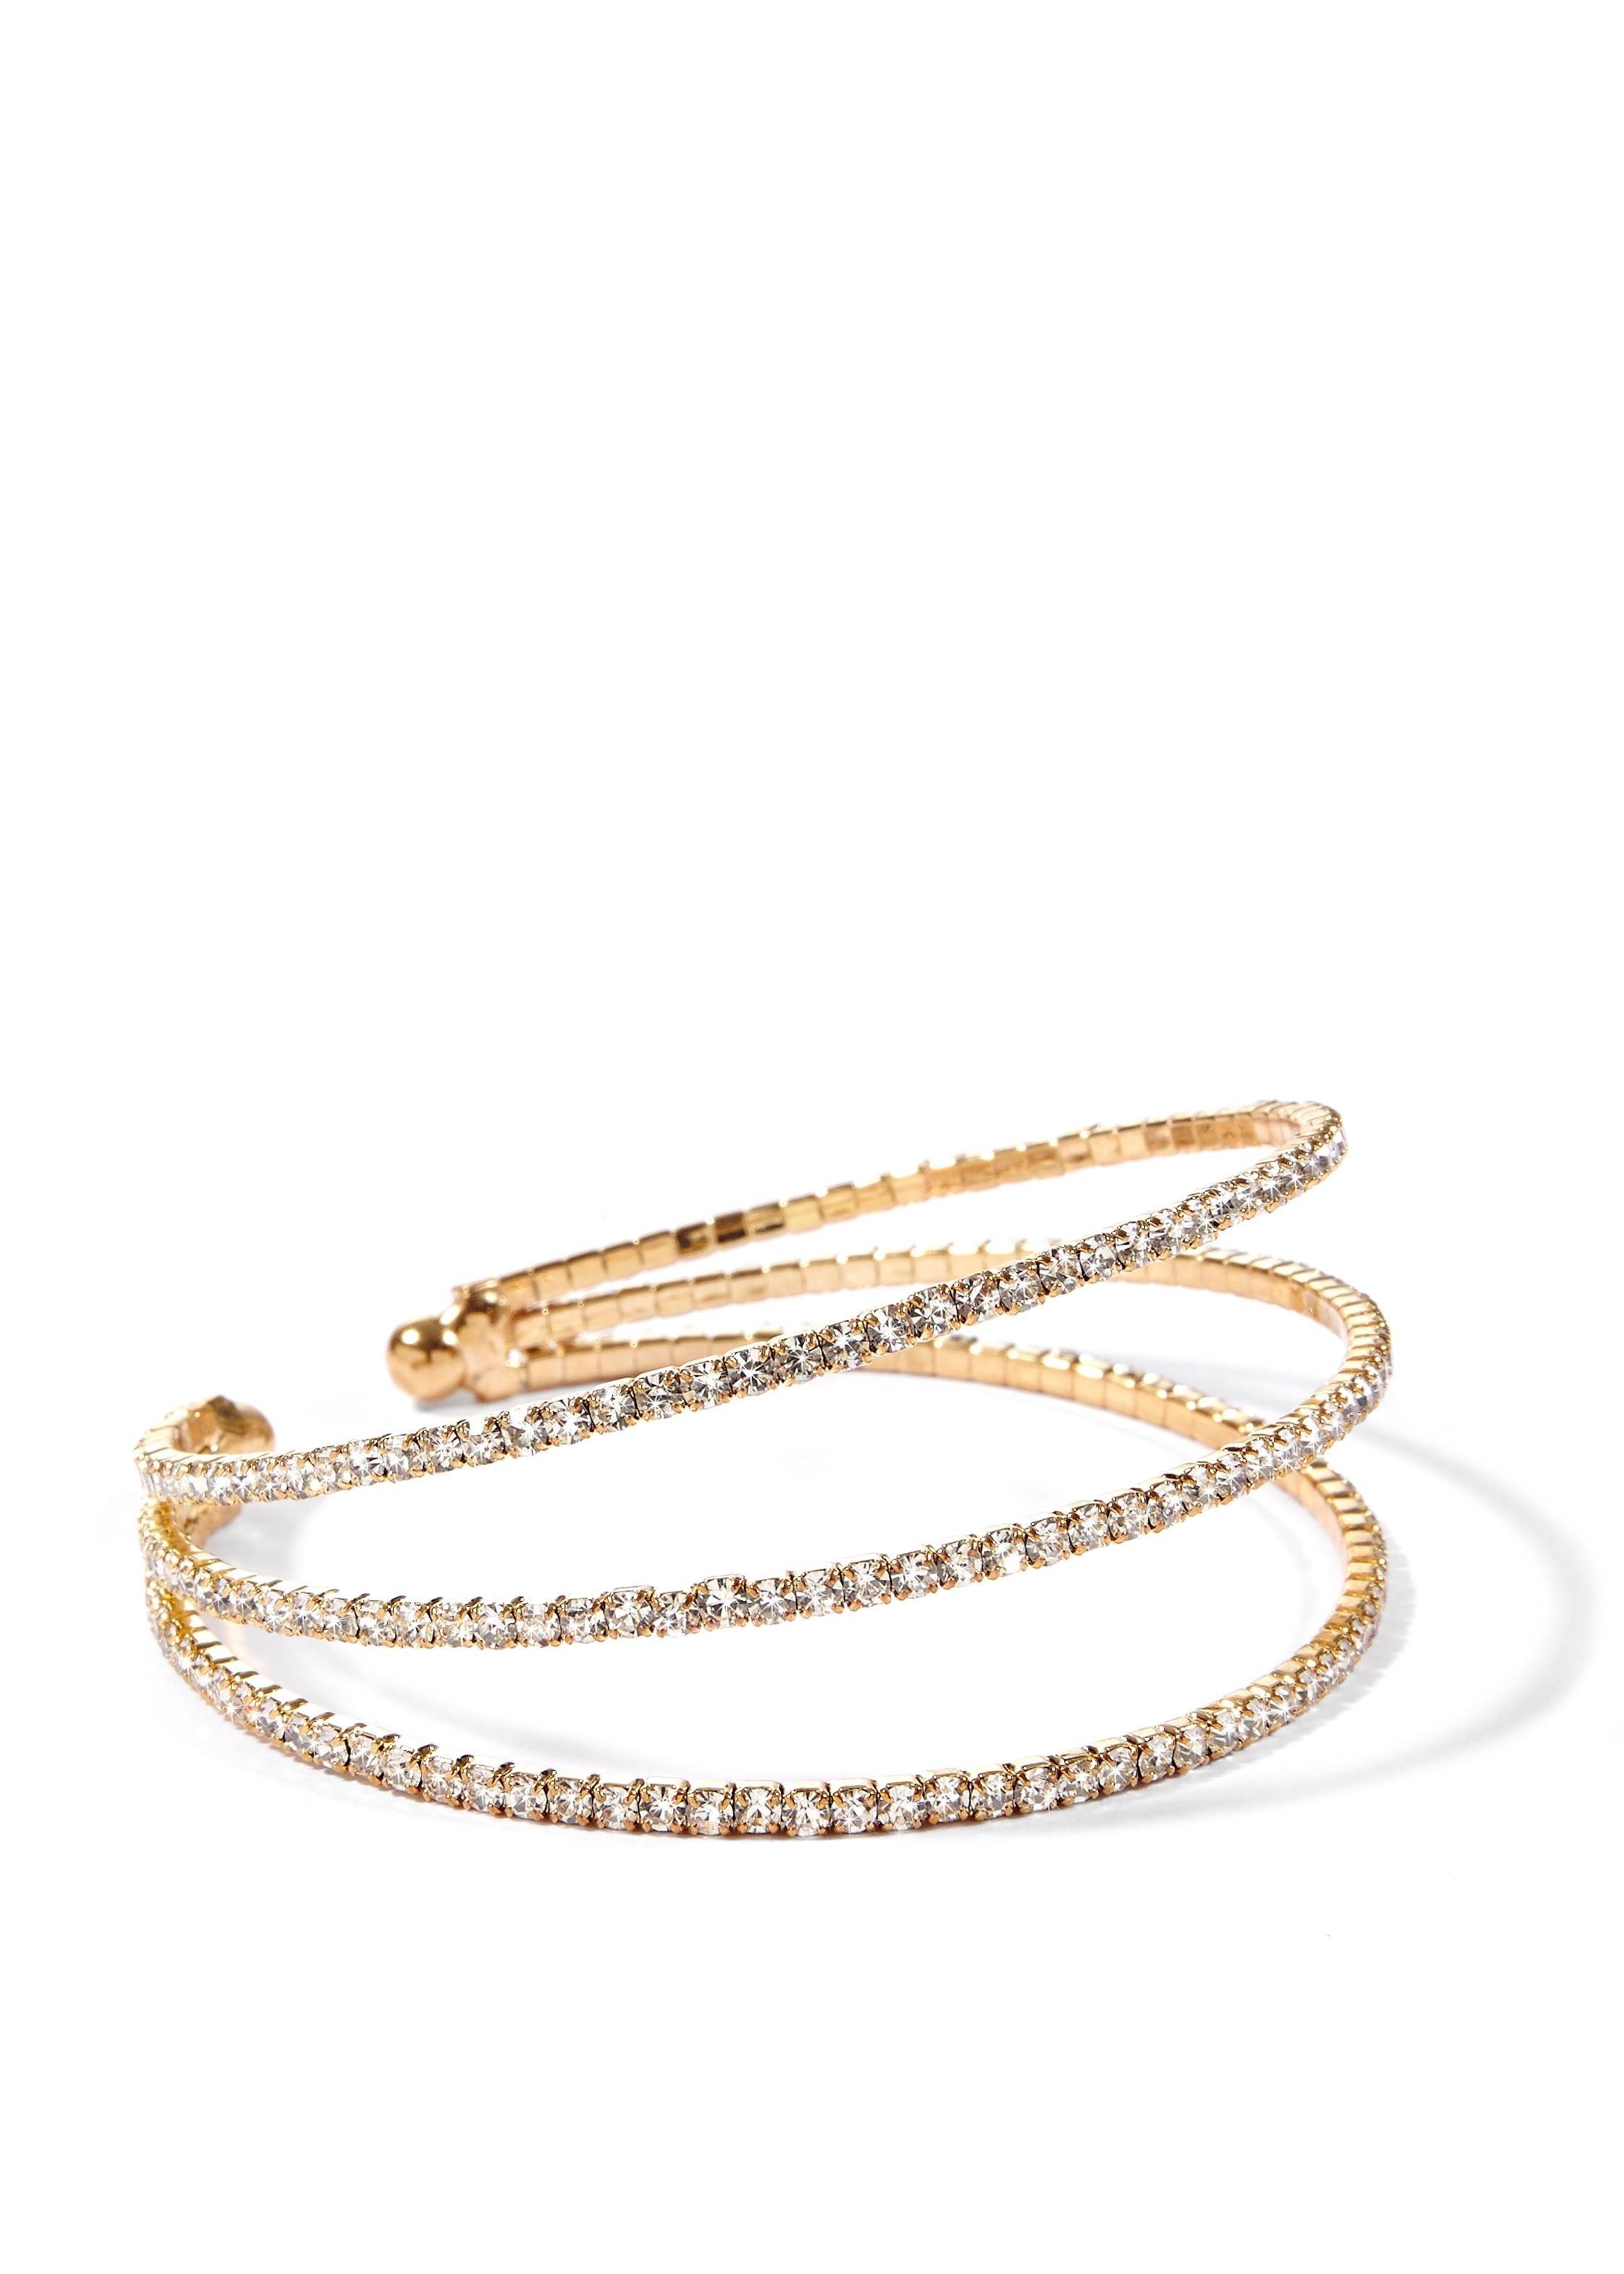 Op zoek naar een LASCANA armband? Koop online bij Lascana